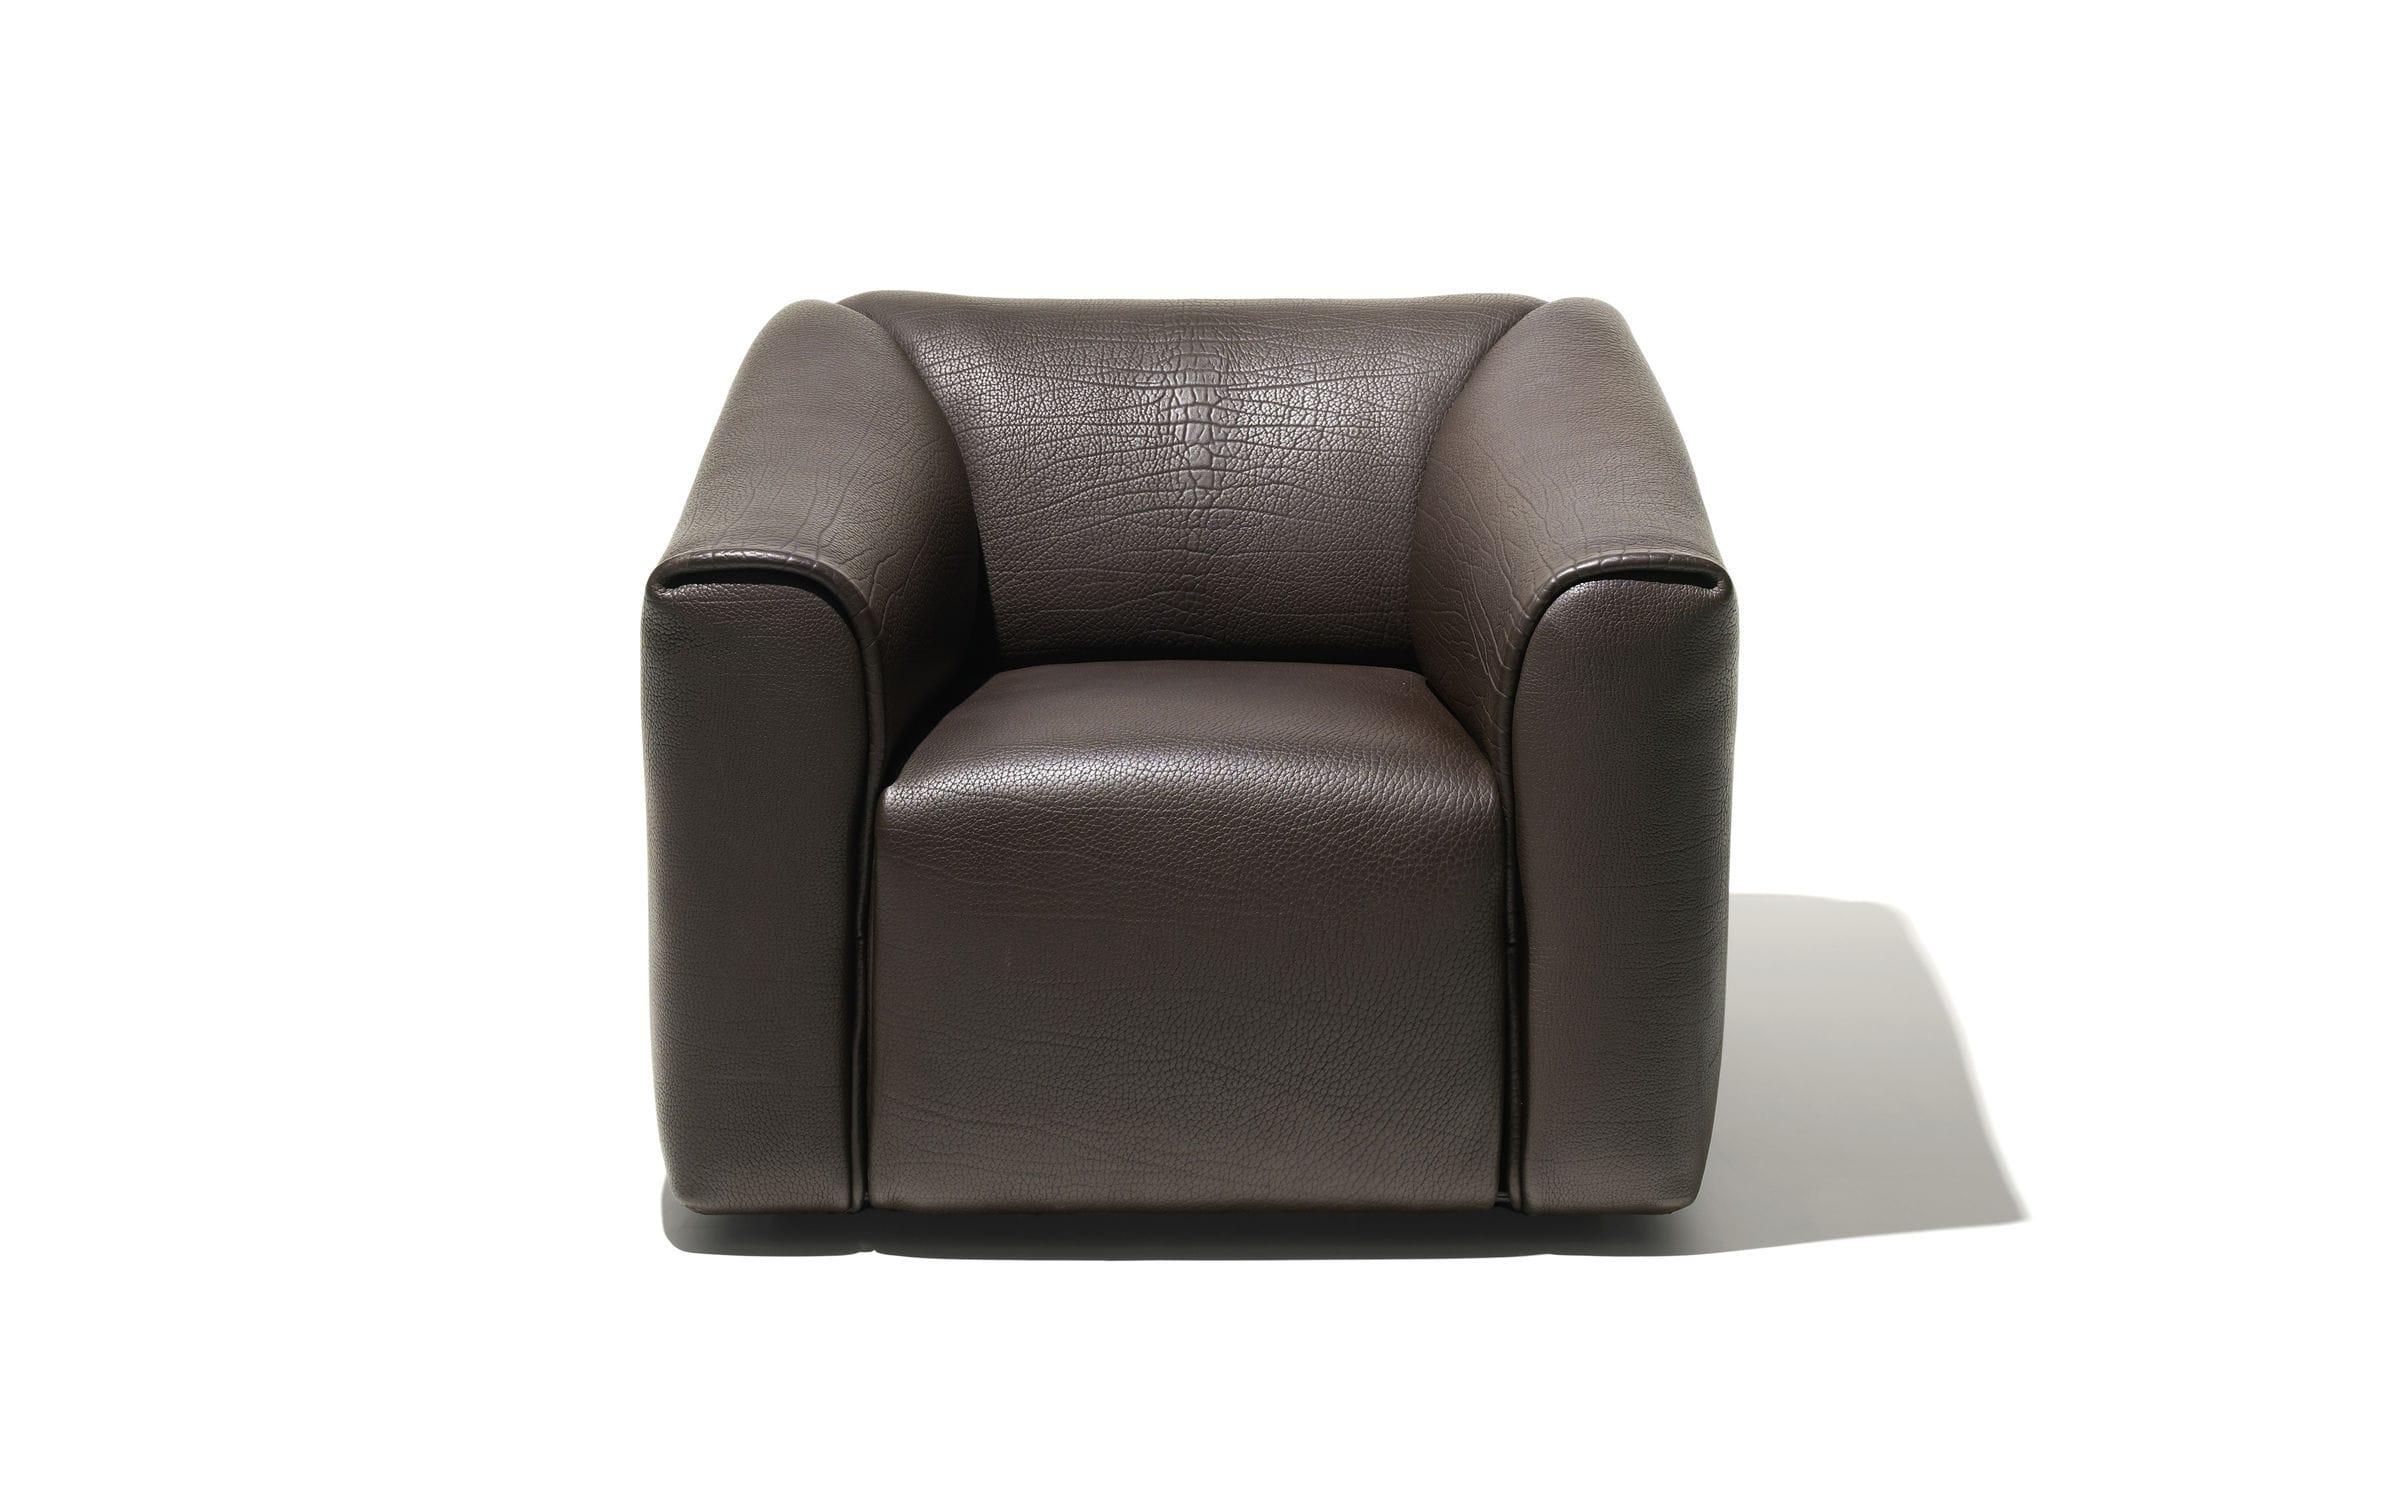 Sessel modern leder schwarz  Moderner Sessel / Leder / schwarz / braun - DS-47 - de Sede AG